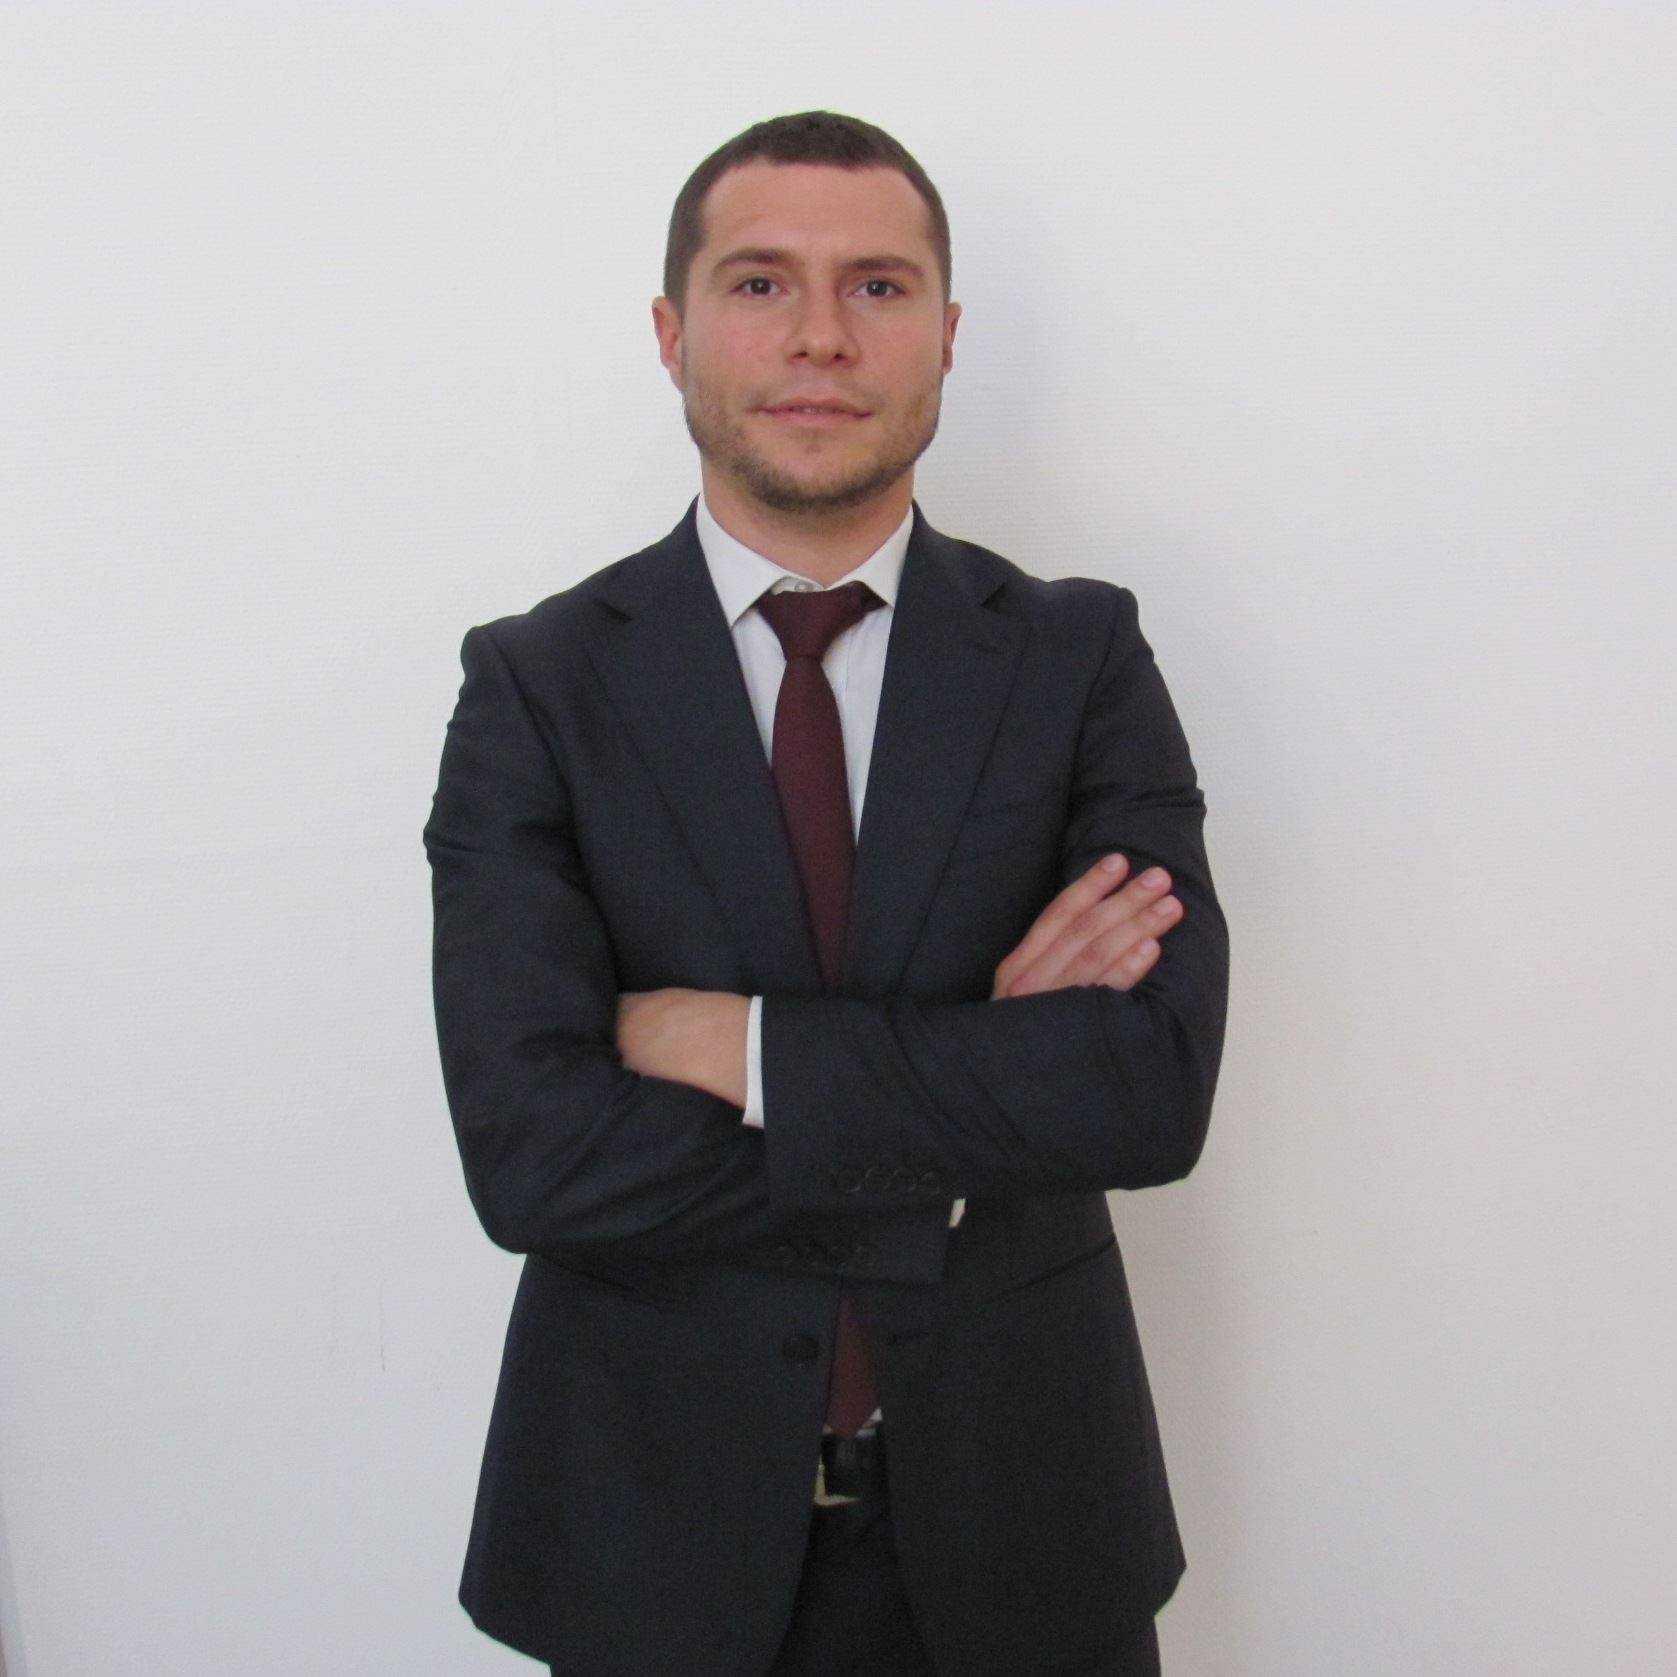 Юрист Антон Бойко